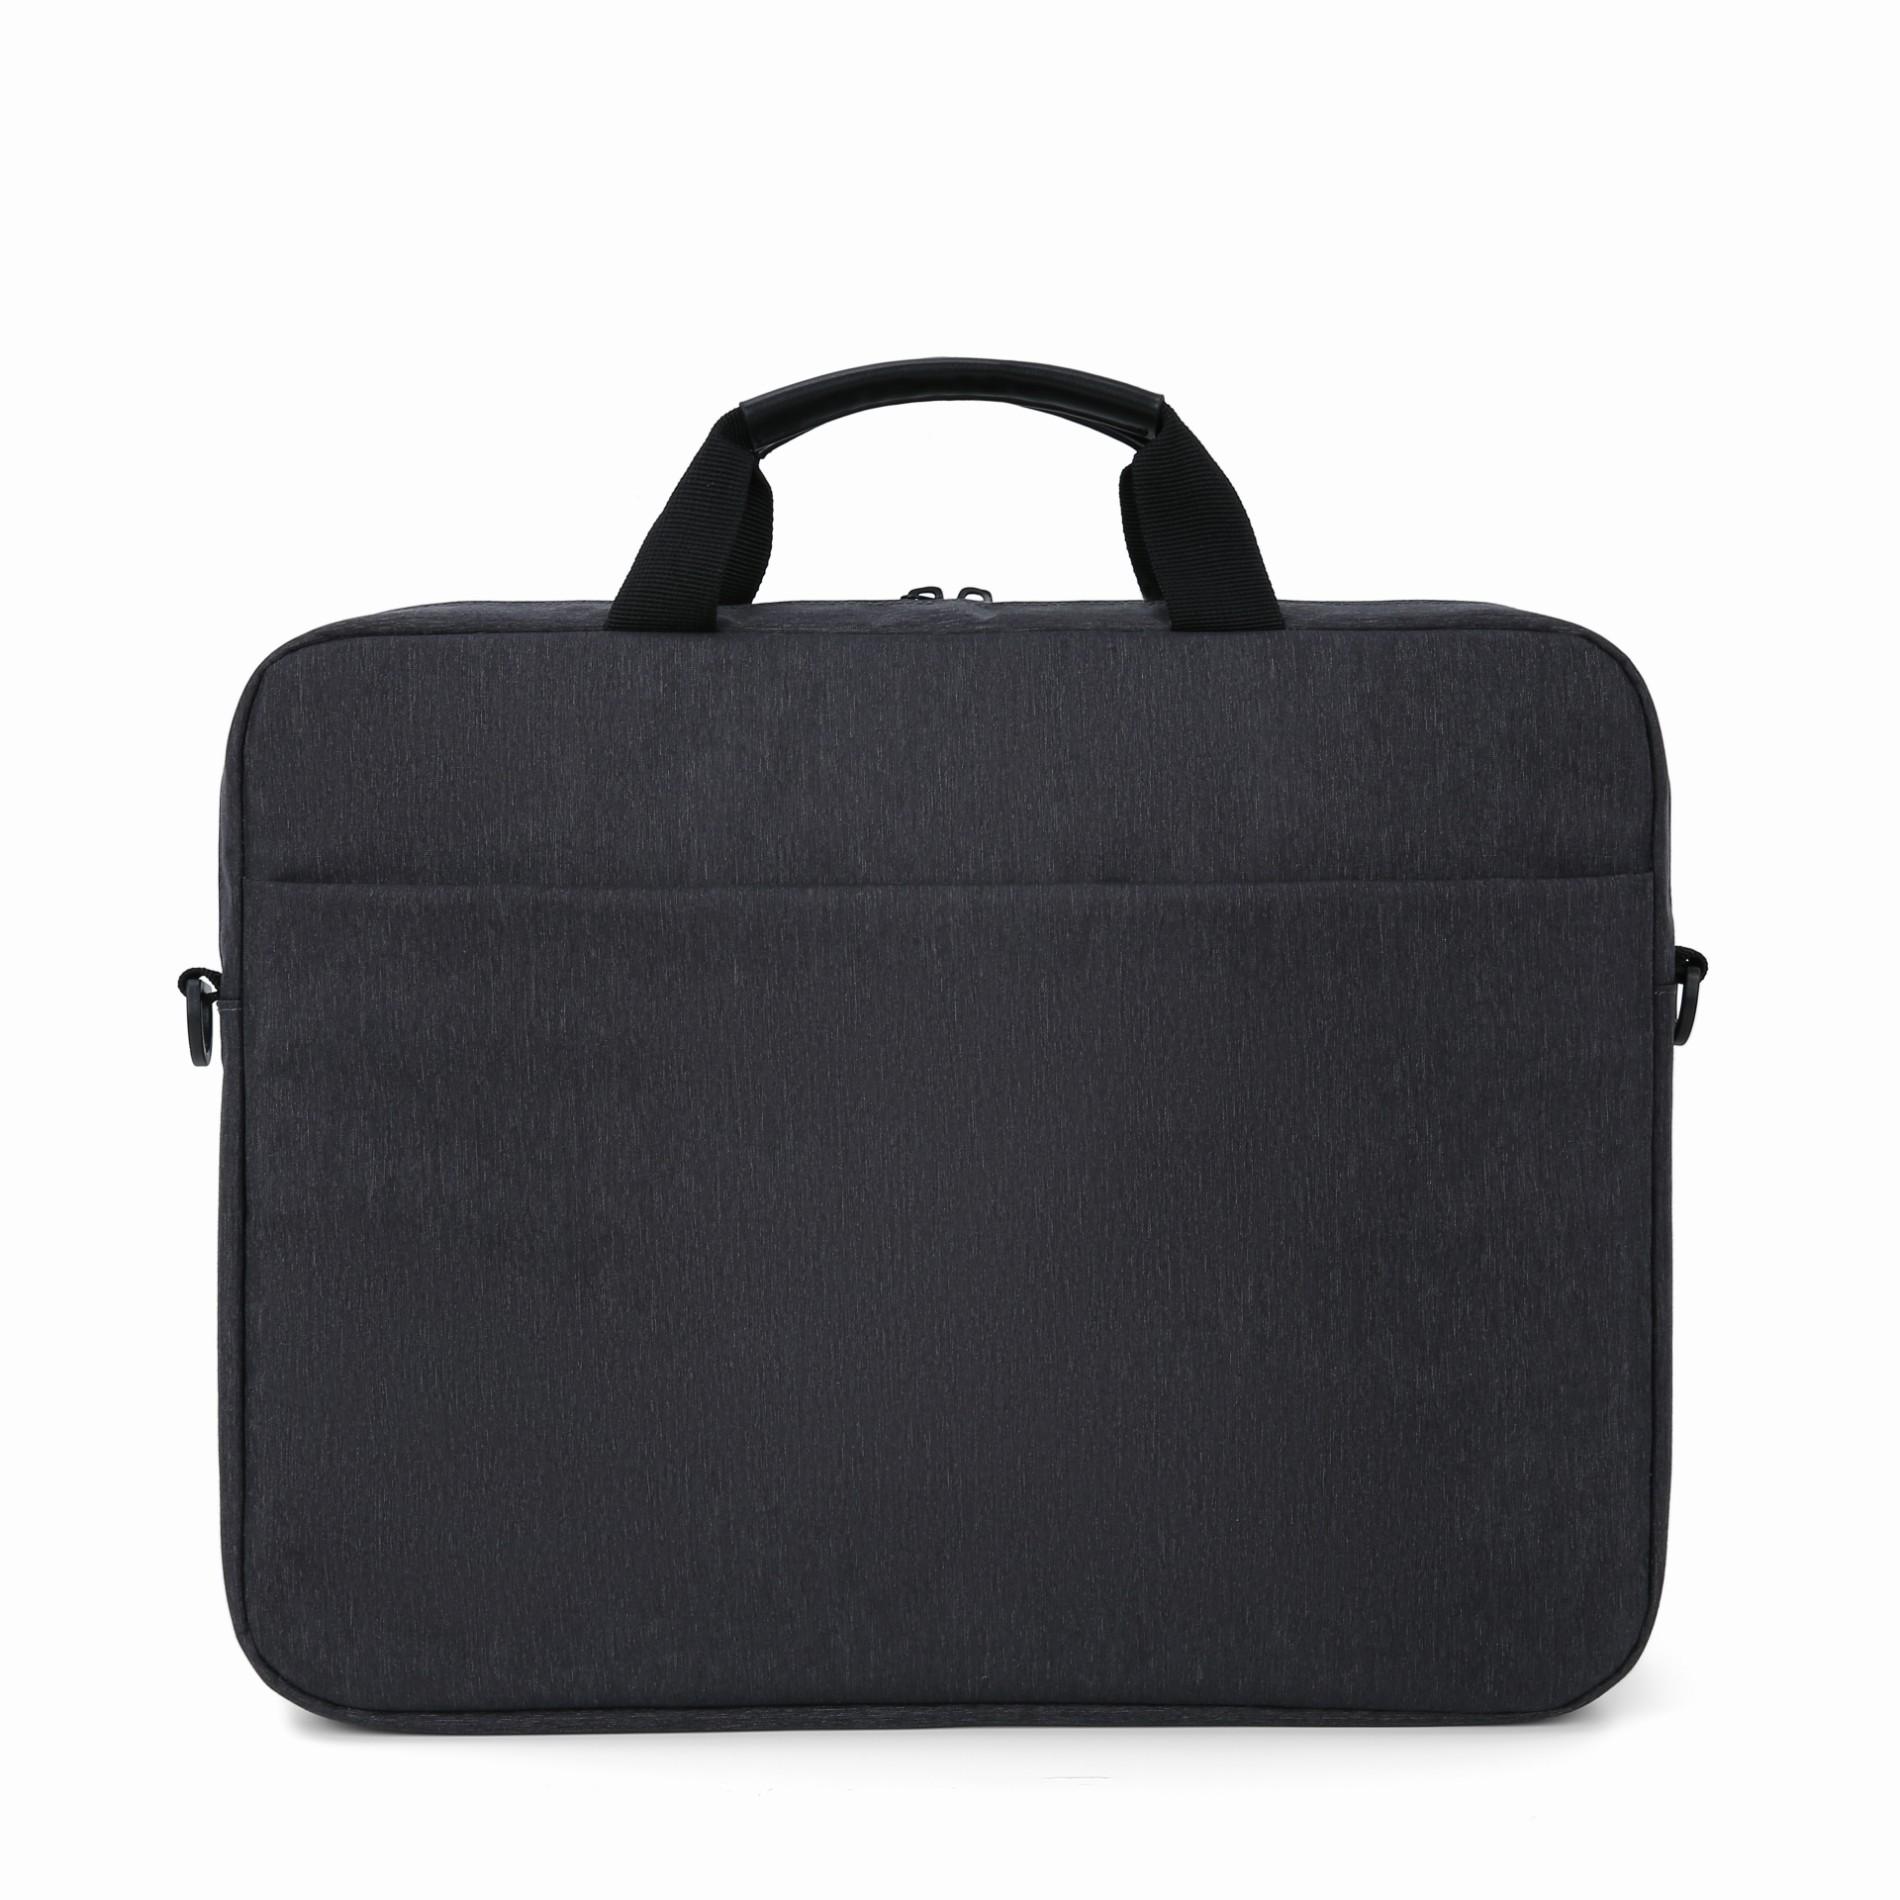 Men Tote Bag Manufacturers, Men Tote Bag Factory, Supply Men Tote Bag